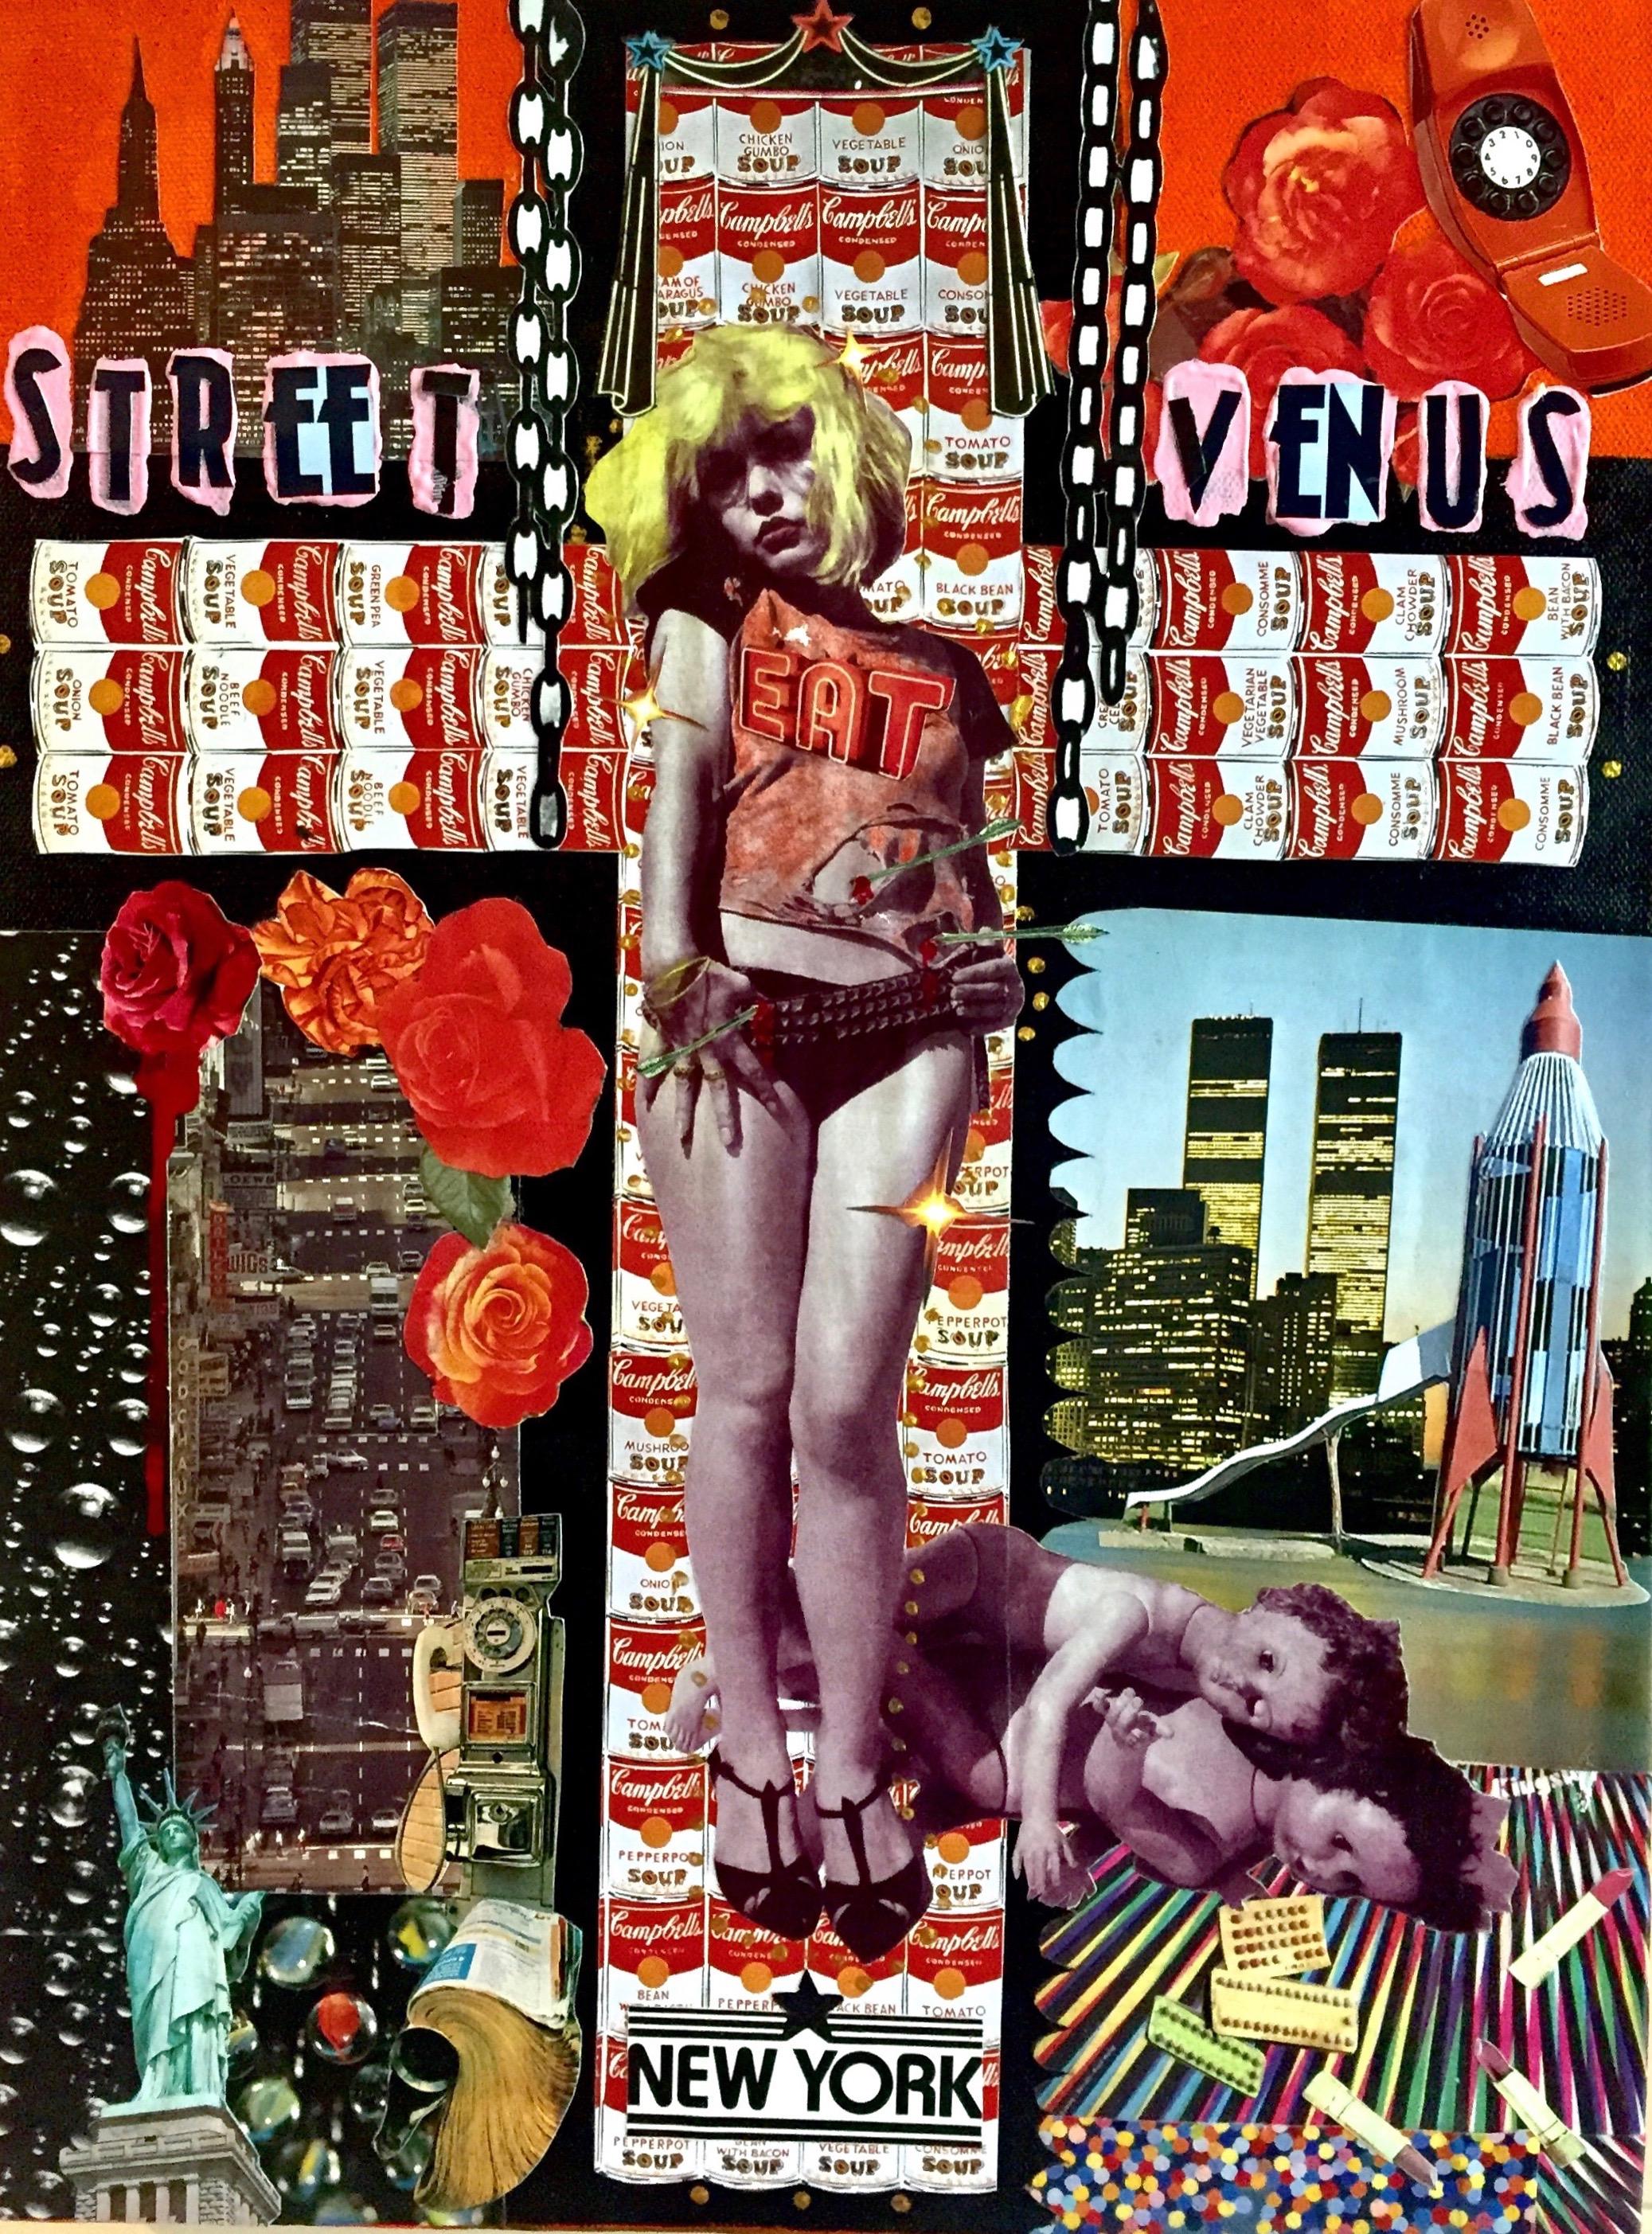 Street Venus Debbie